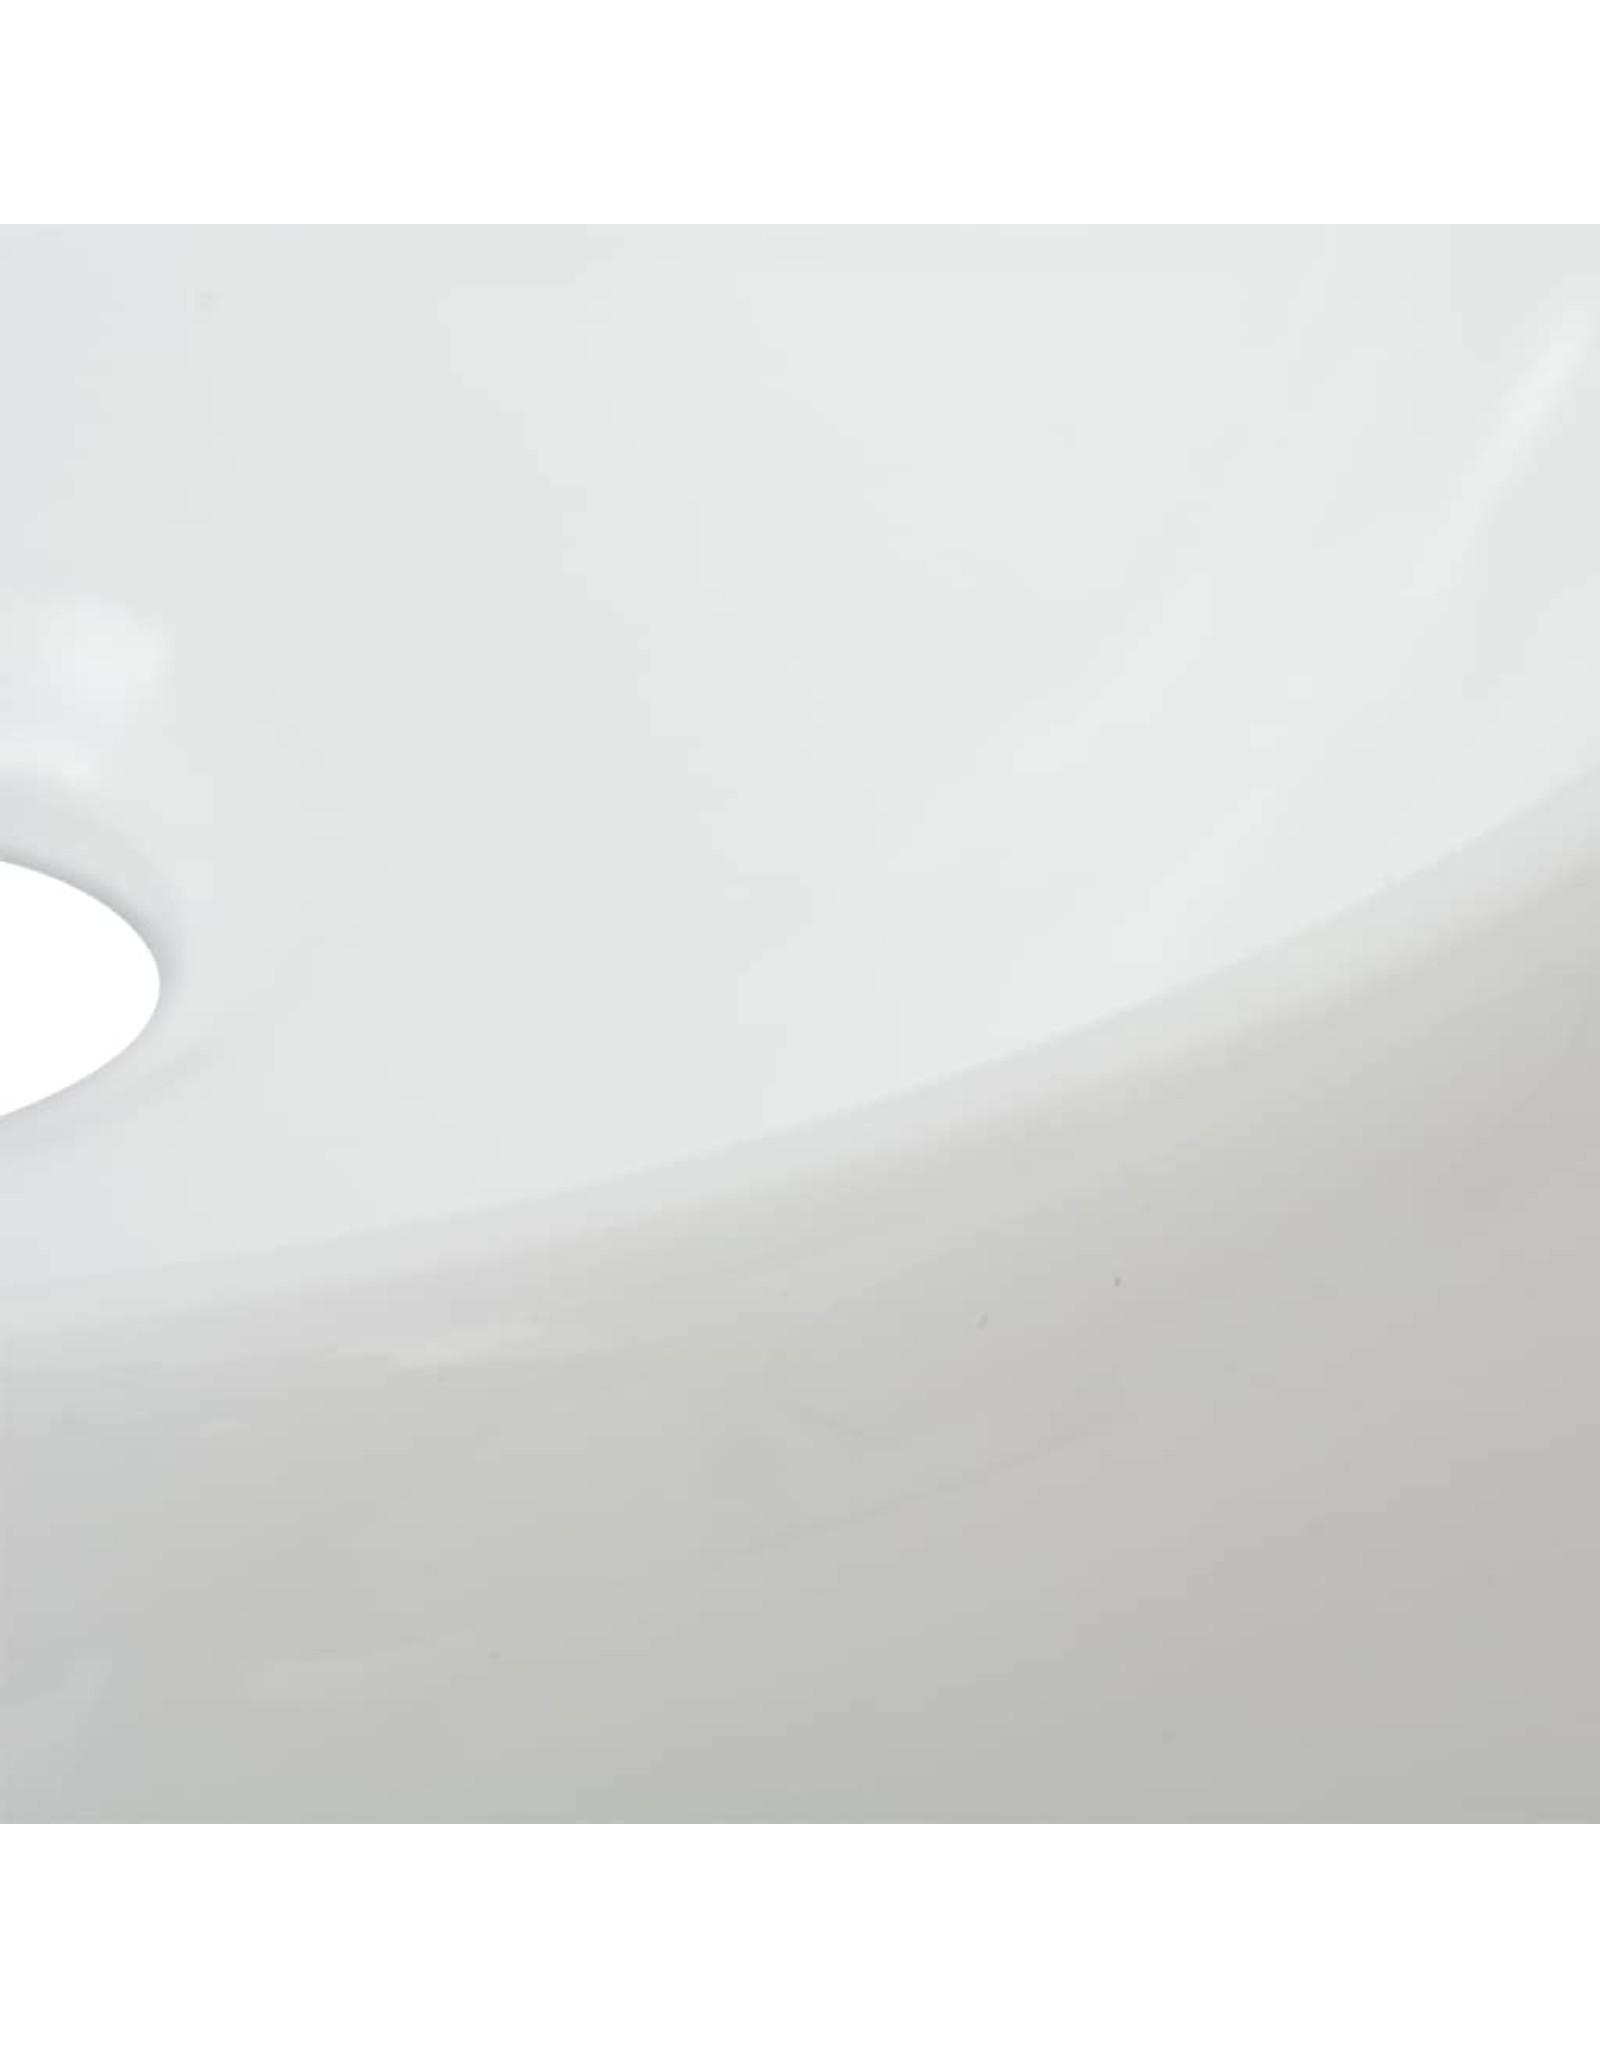 Badkamerwastafel met mengkraan rond keramiek wit